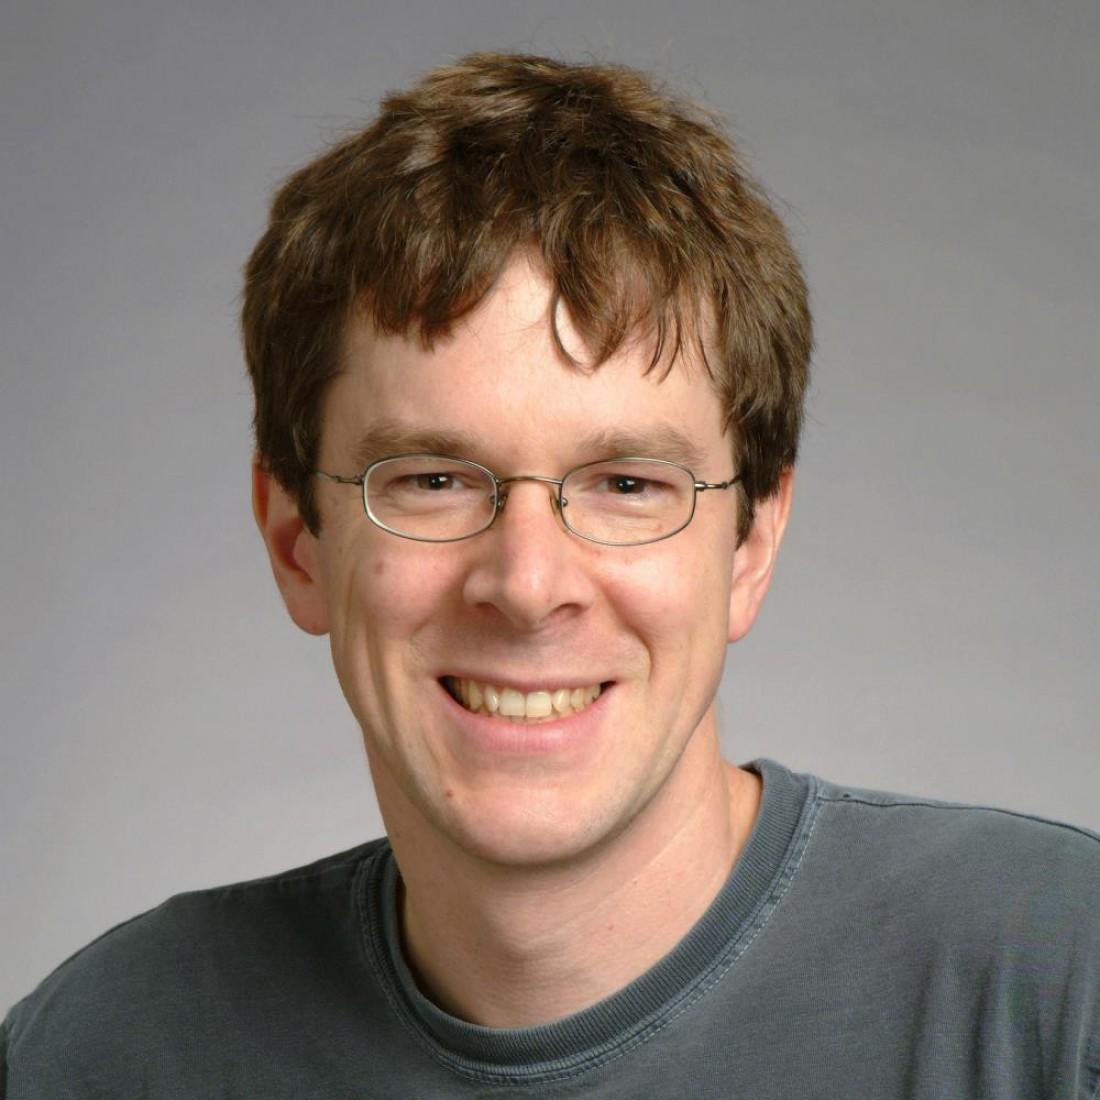 Роберт Моррис — создатель известного компьютерного червя